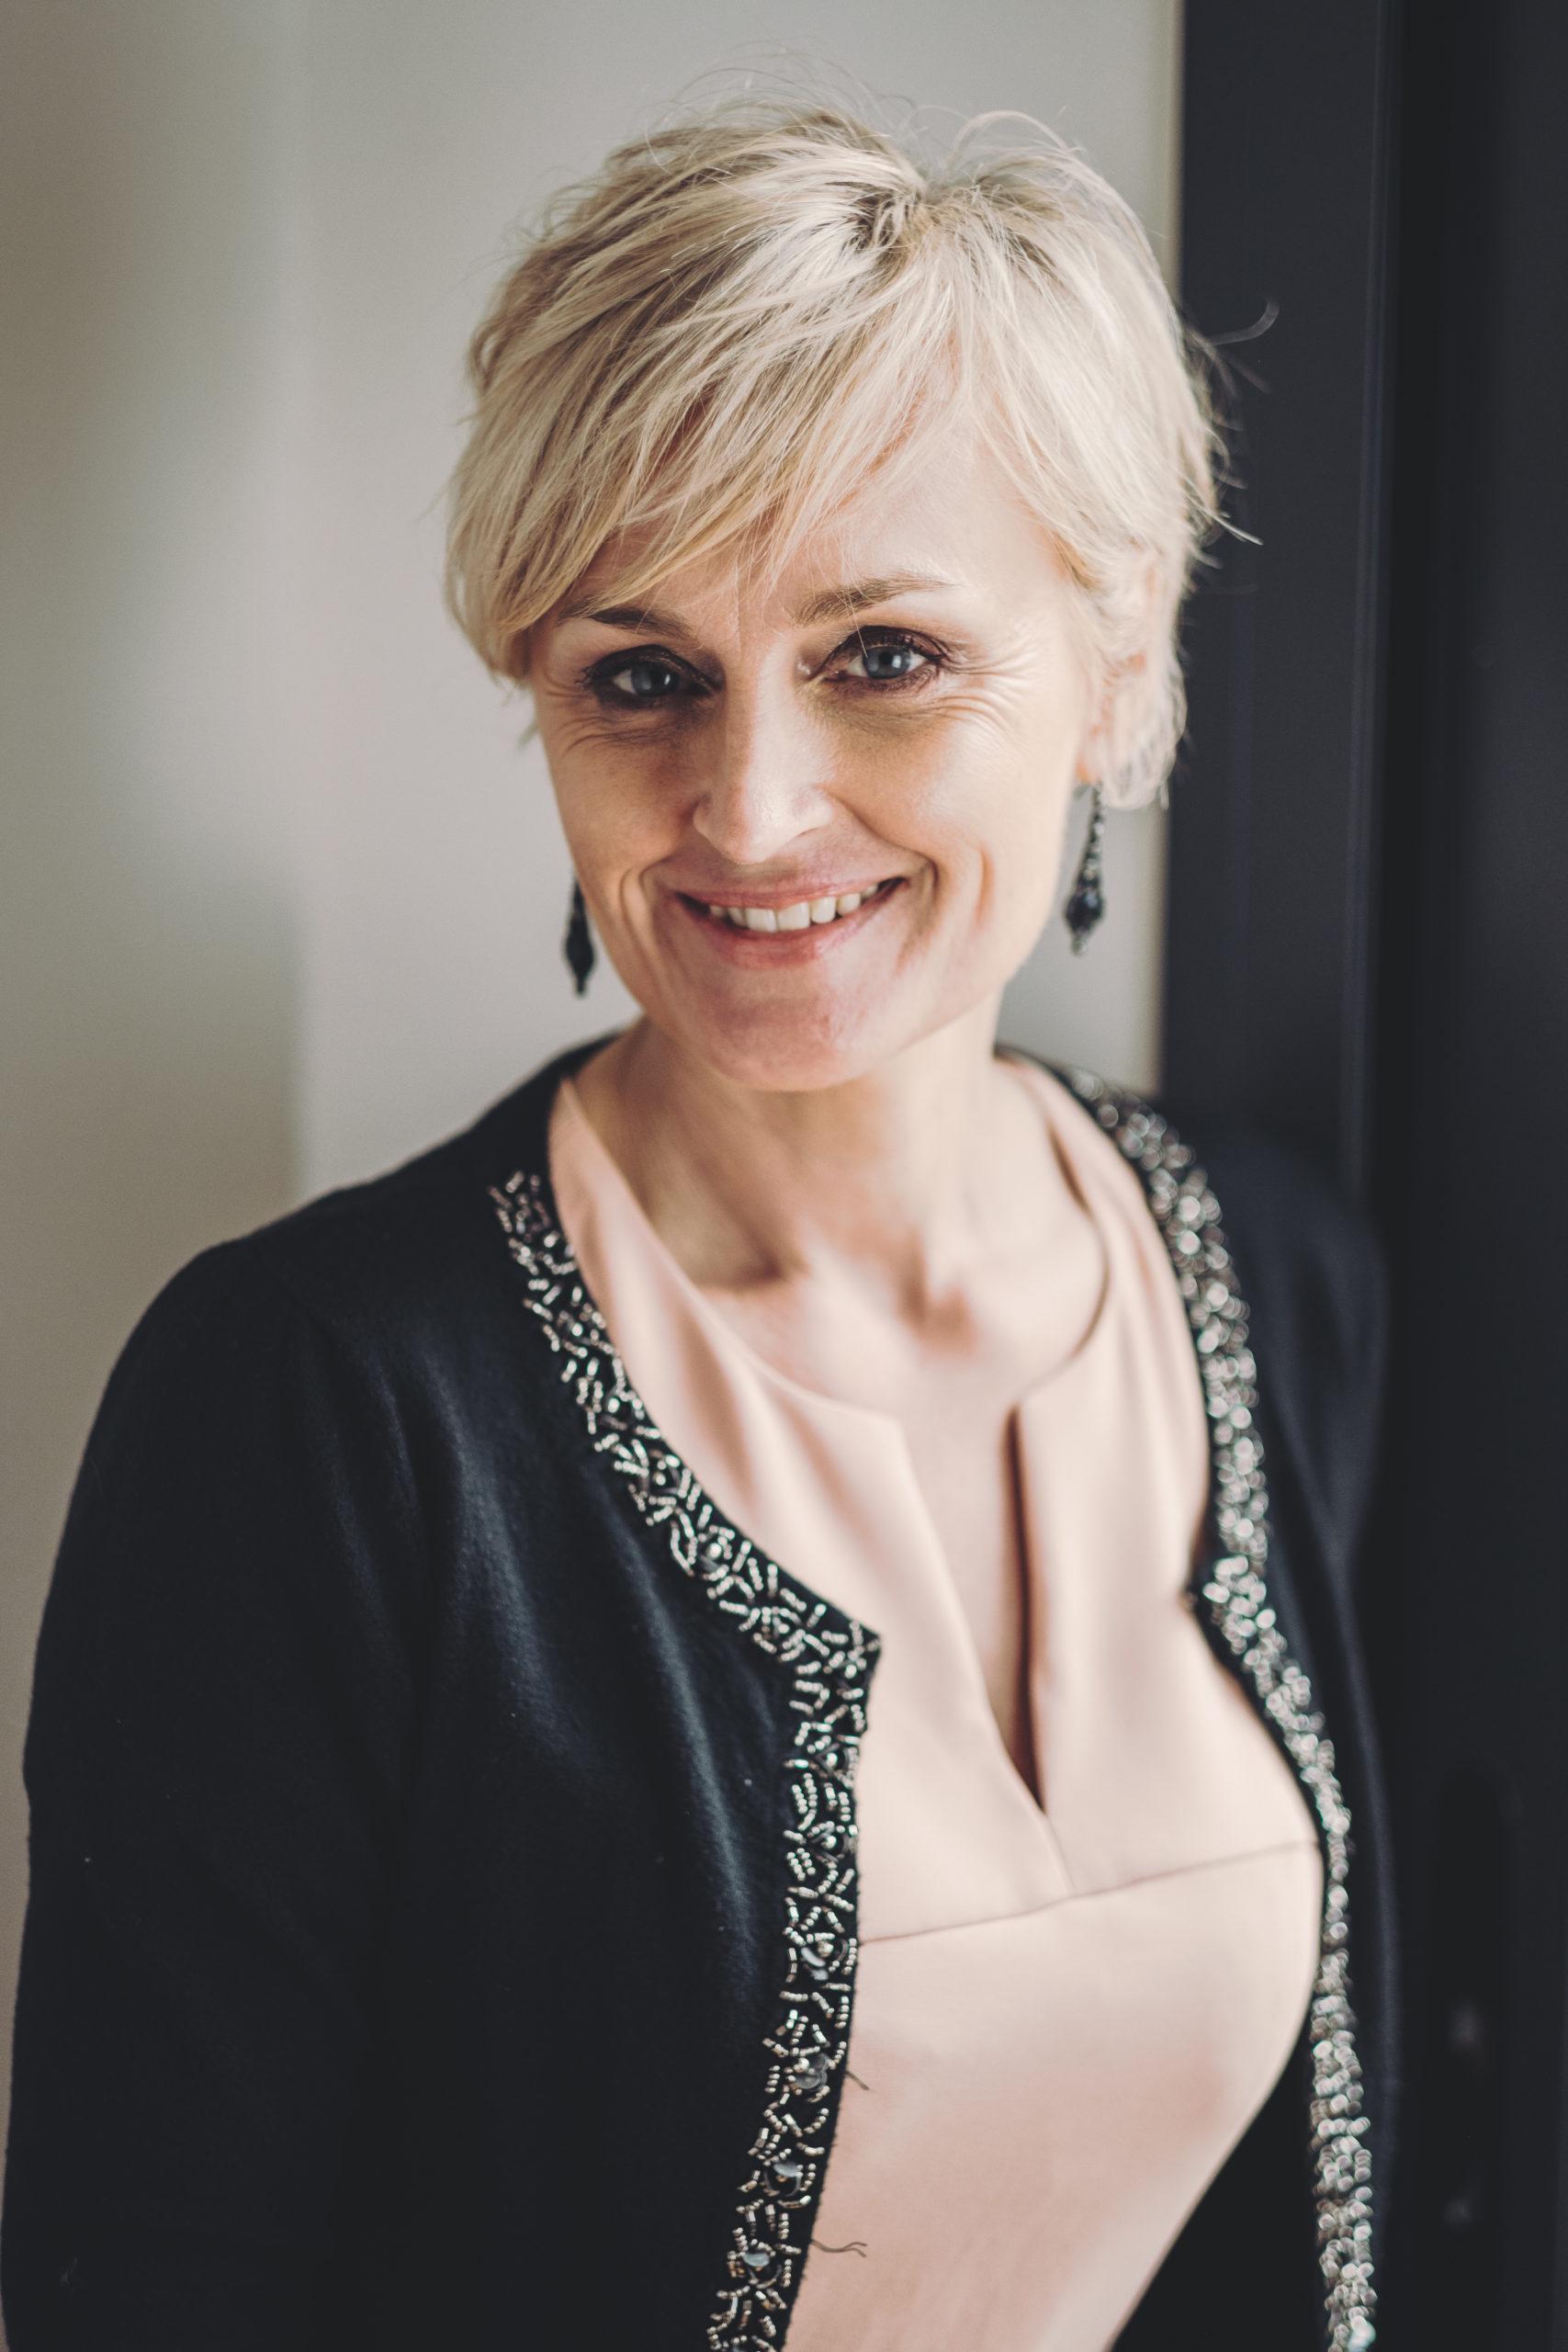 Portrait de cheffe d'entreprise - Christelle Faleyeux - AZAHAR Style